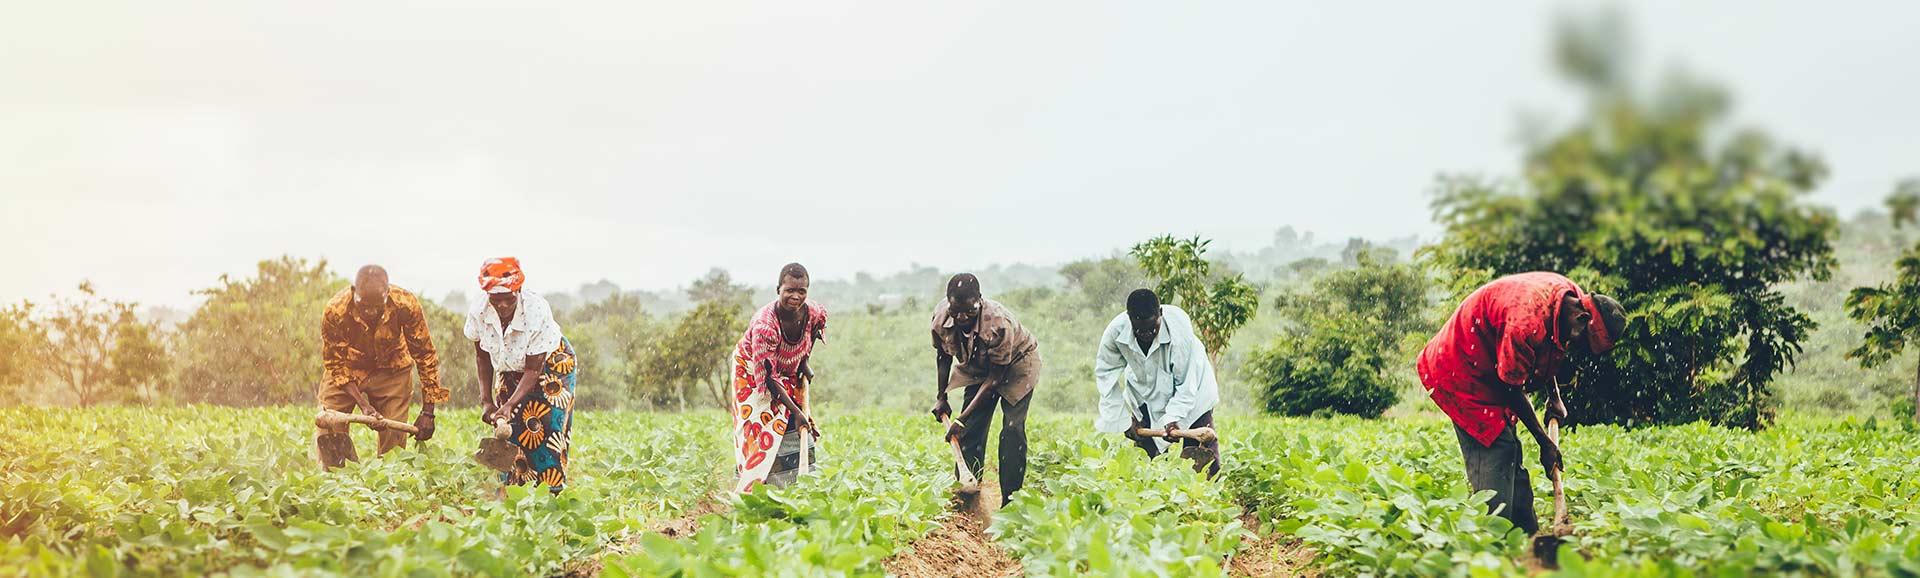 Malawi Program Partners in field